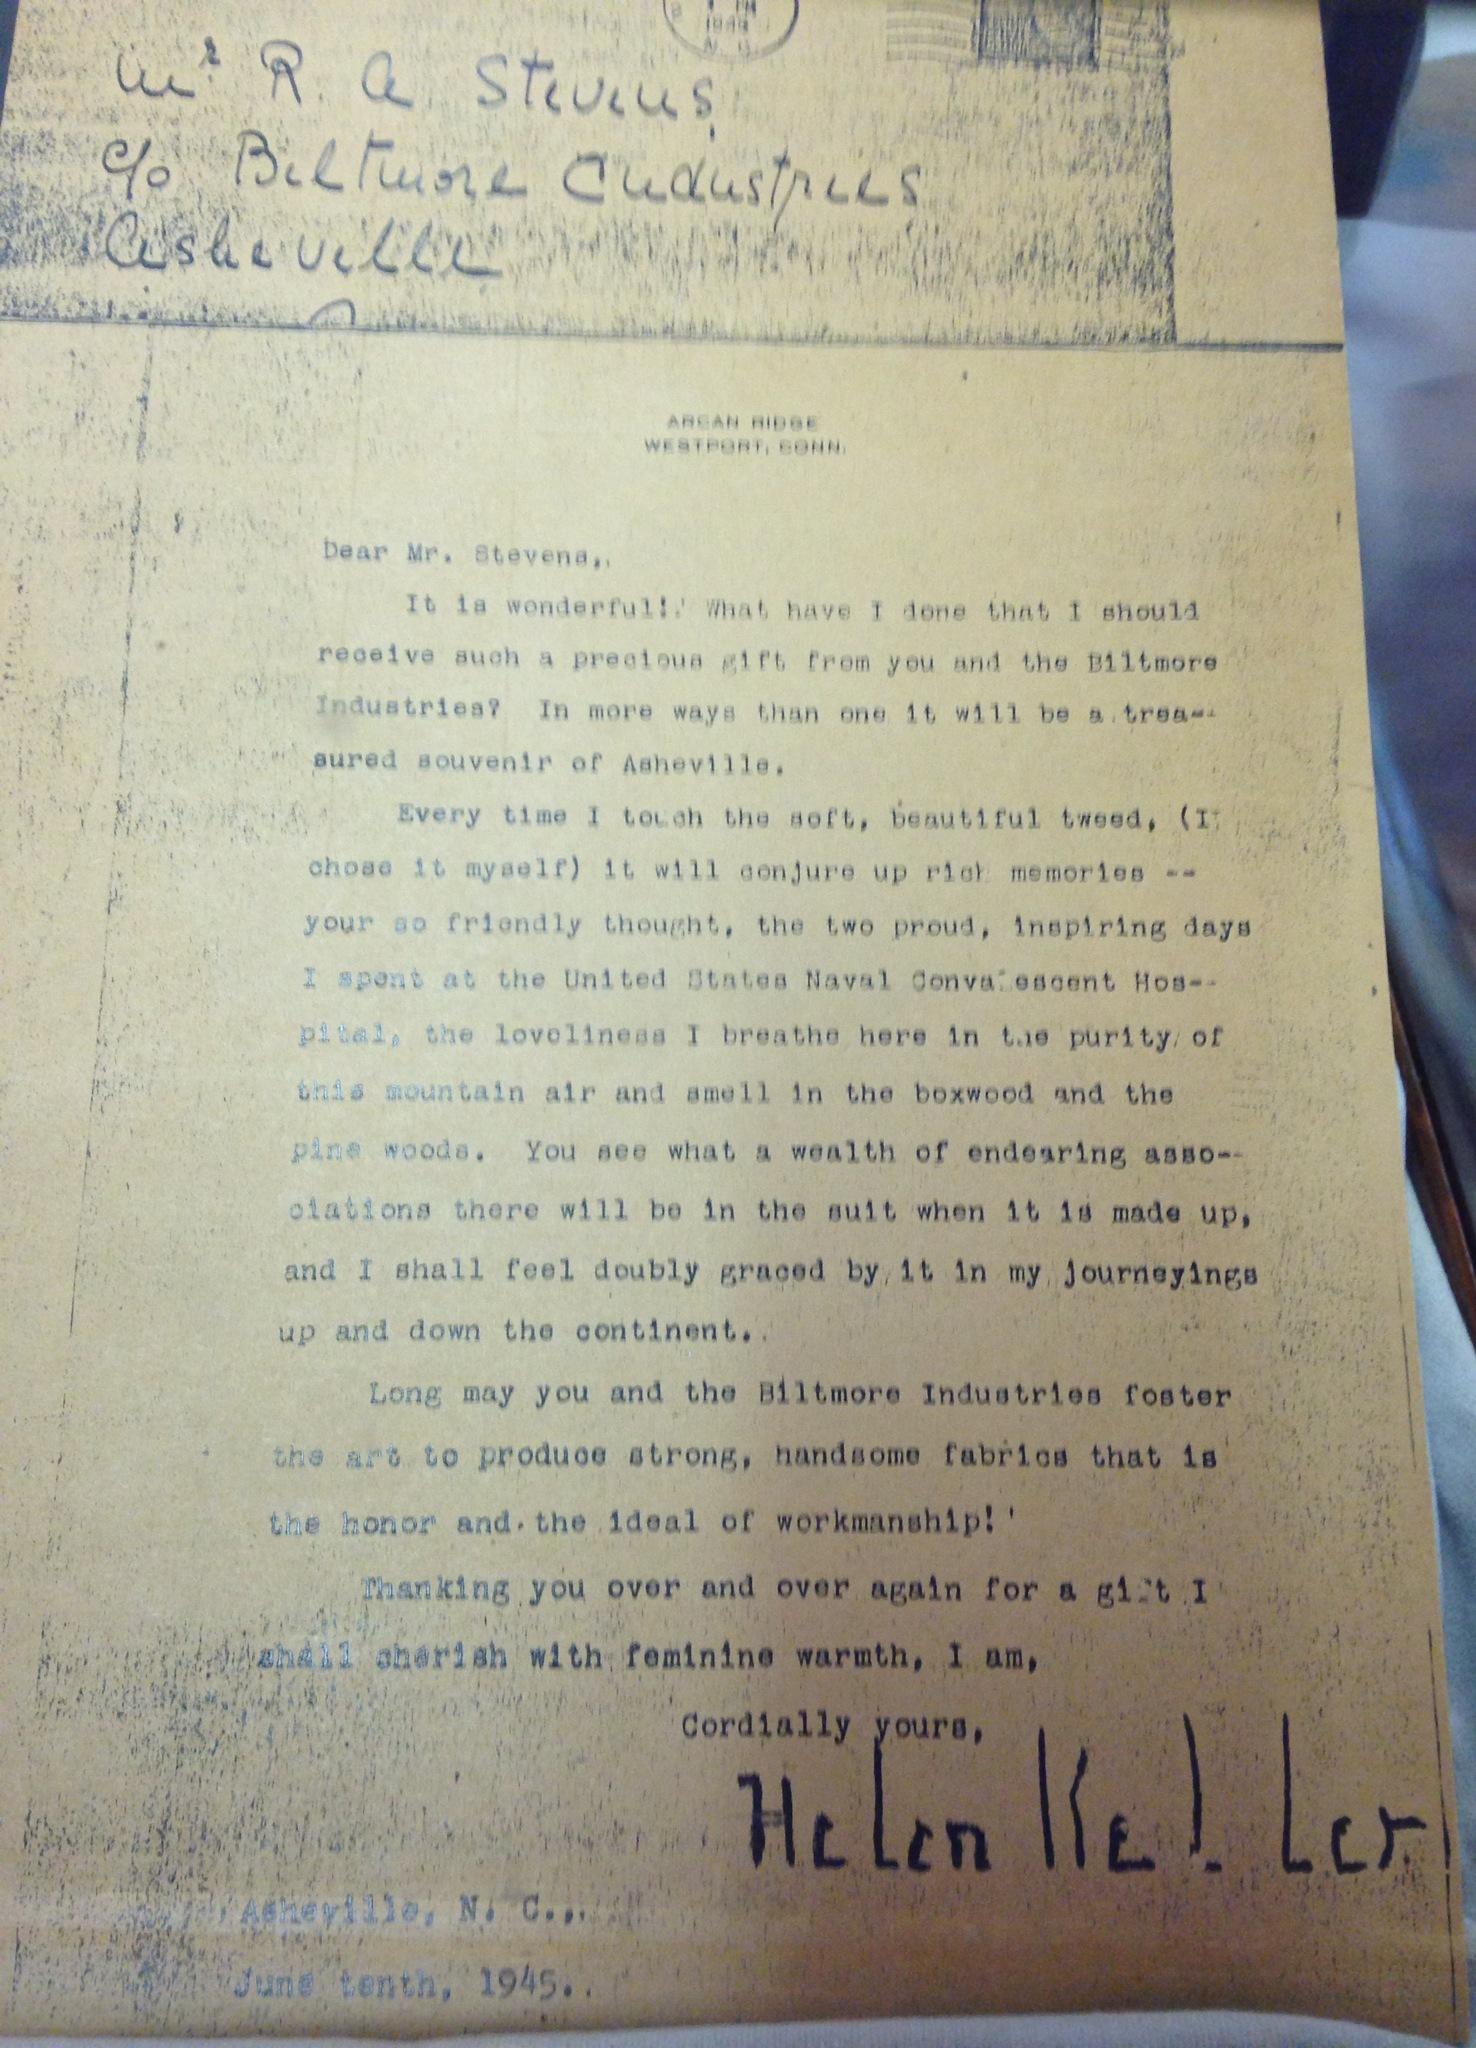 Hellen Keller letter.jpg